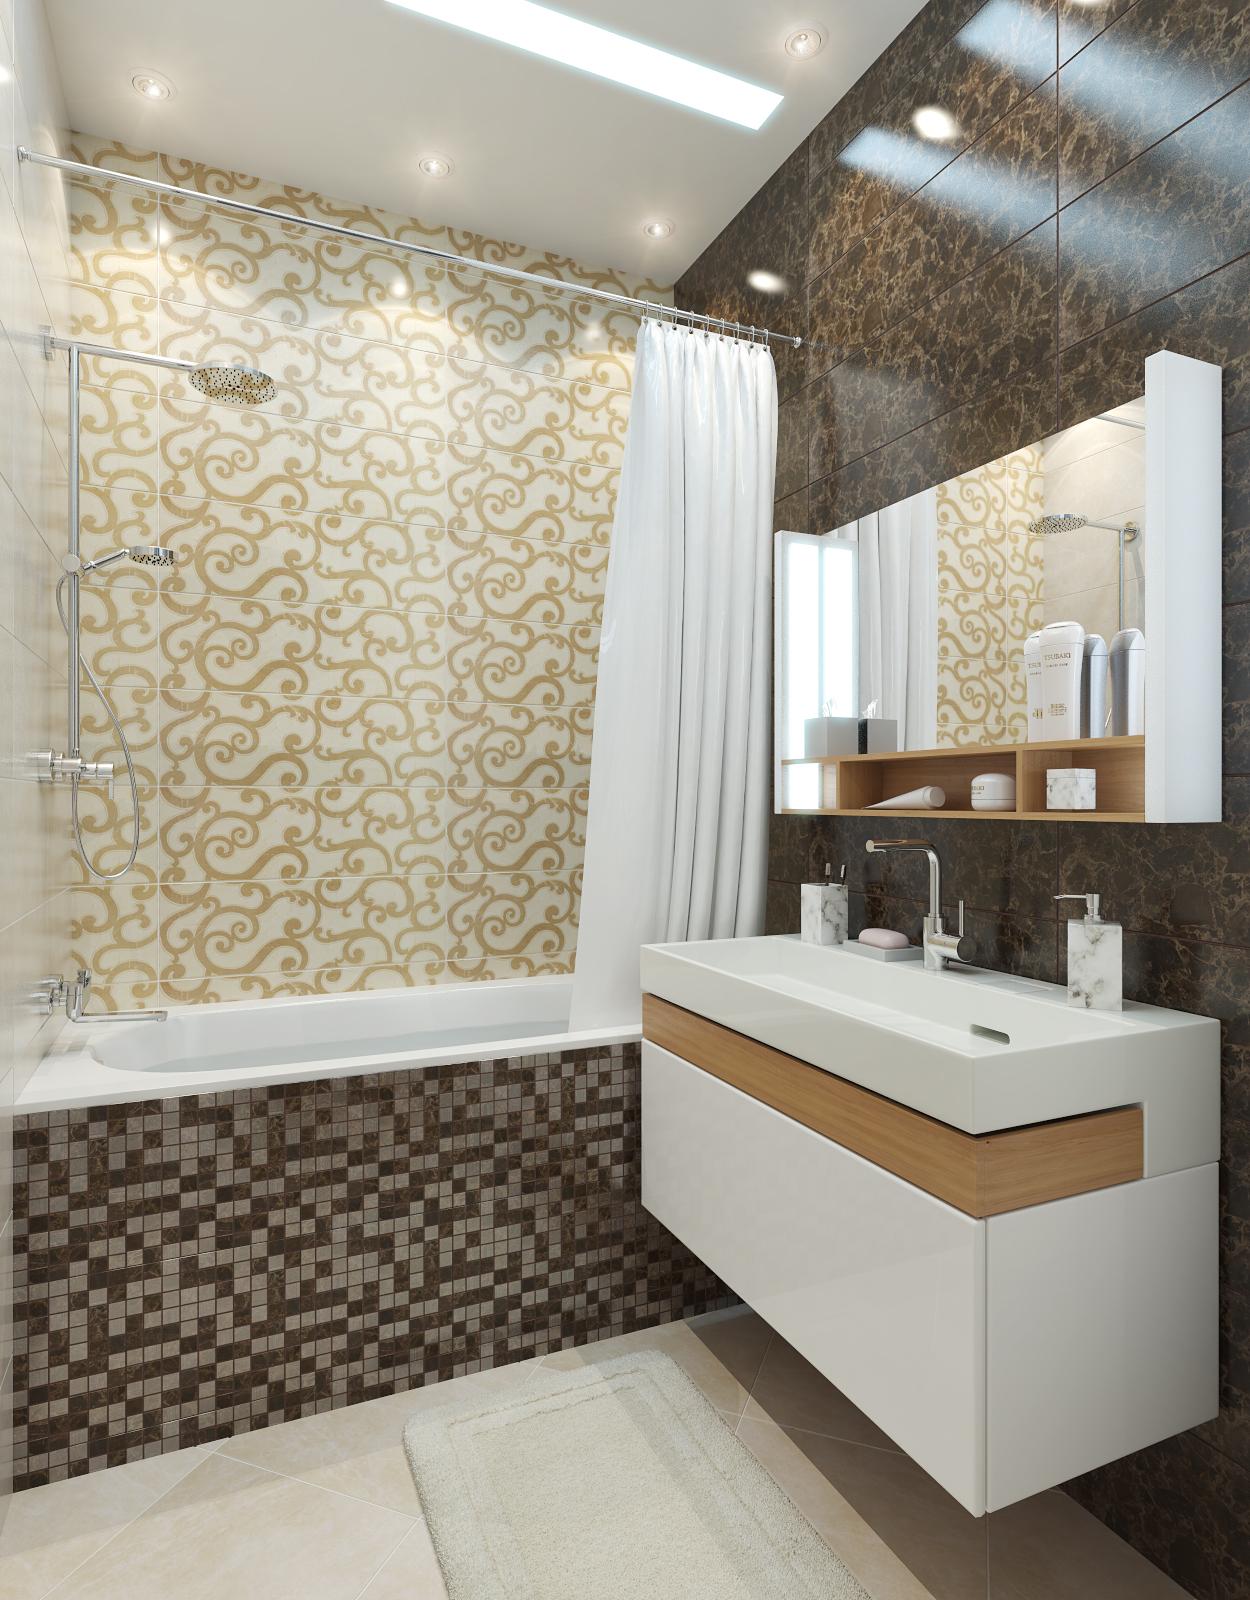 дизайн интерьера ванной нео классика (5)